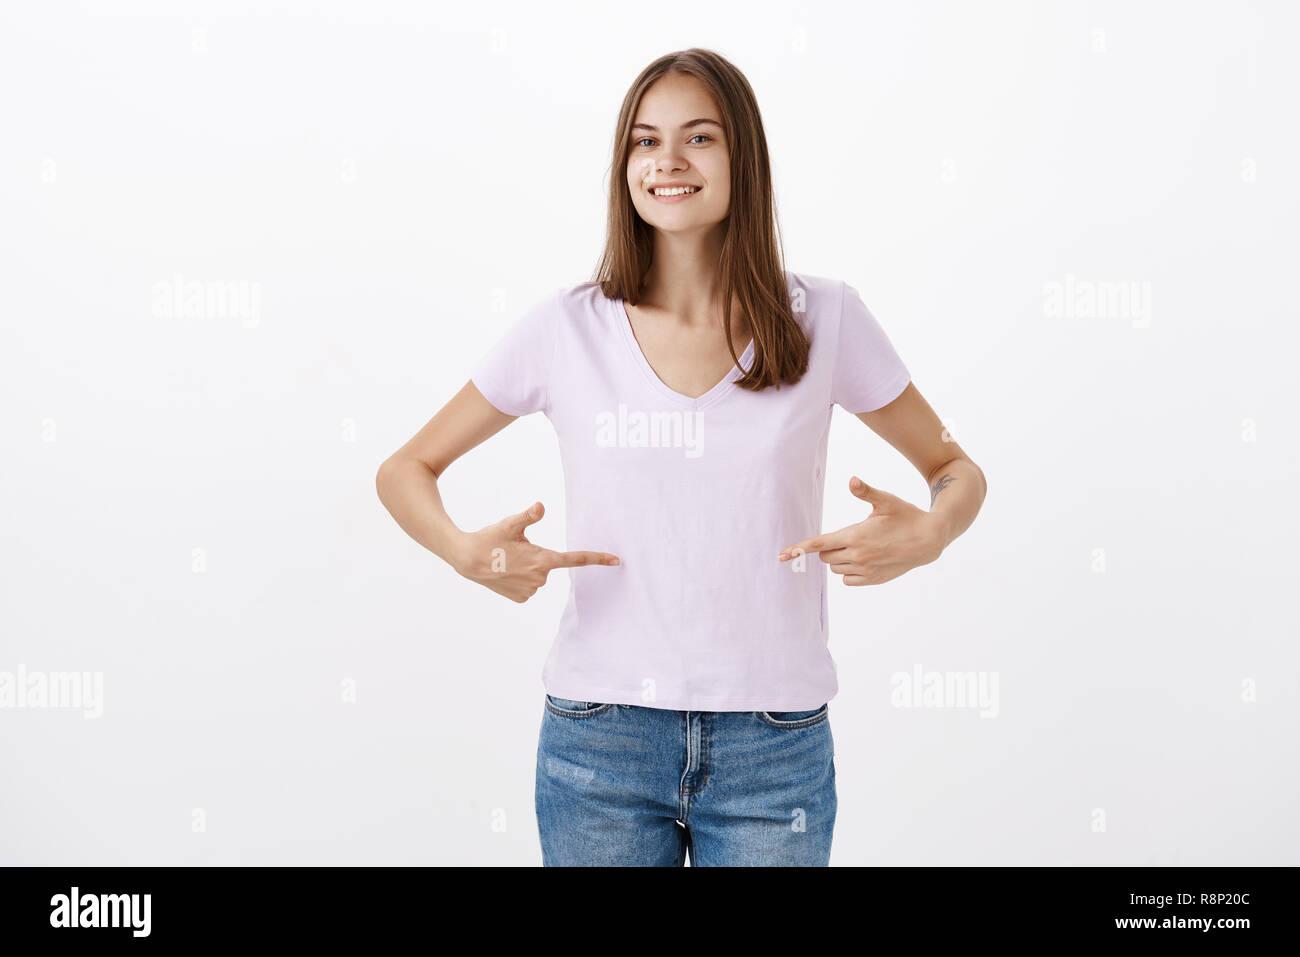 Carino giovani sportive fornendo consigli su come mantenersi in forma  sorridente guardando con gioia cordiale alla ae2c1fbf702d